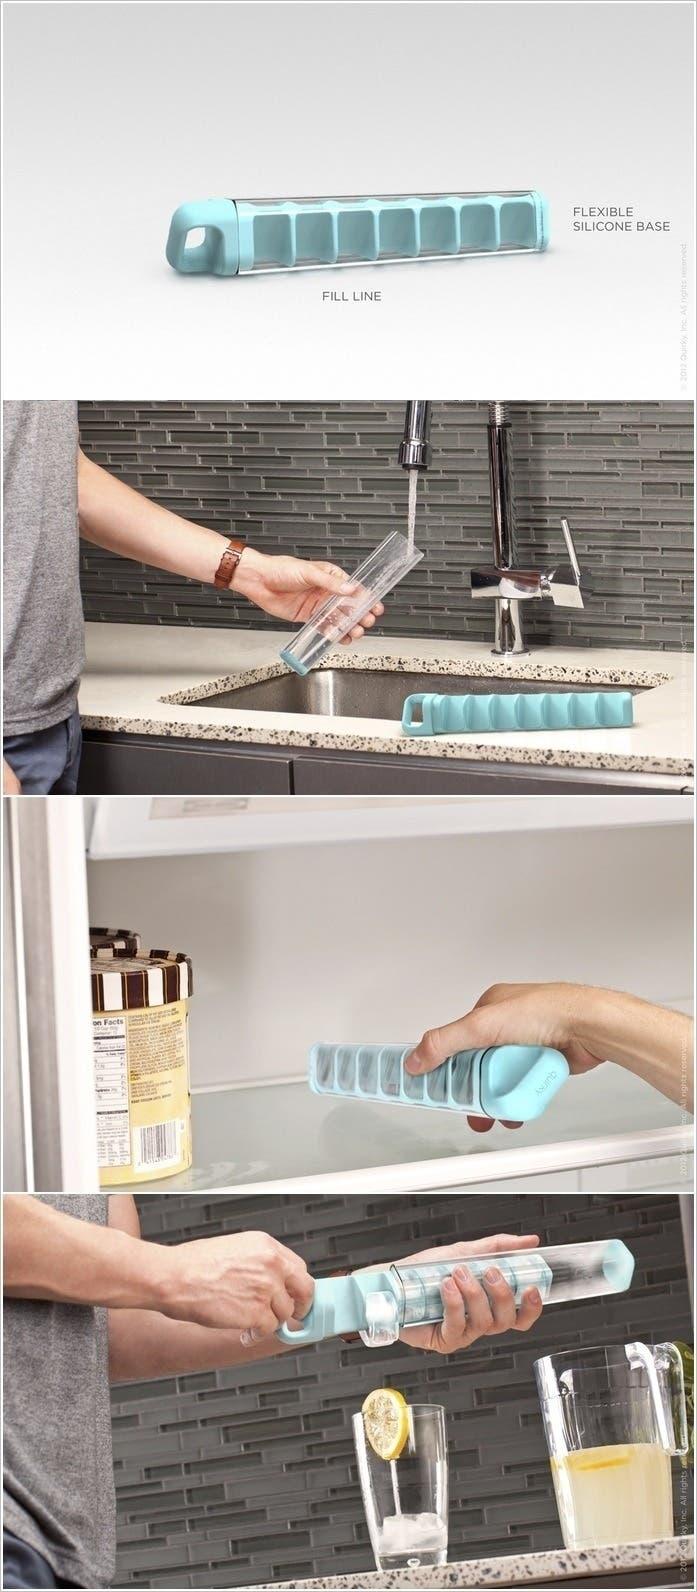 increible-inventos-para-hogar-3